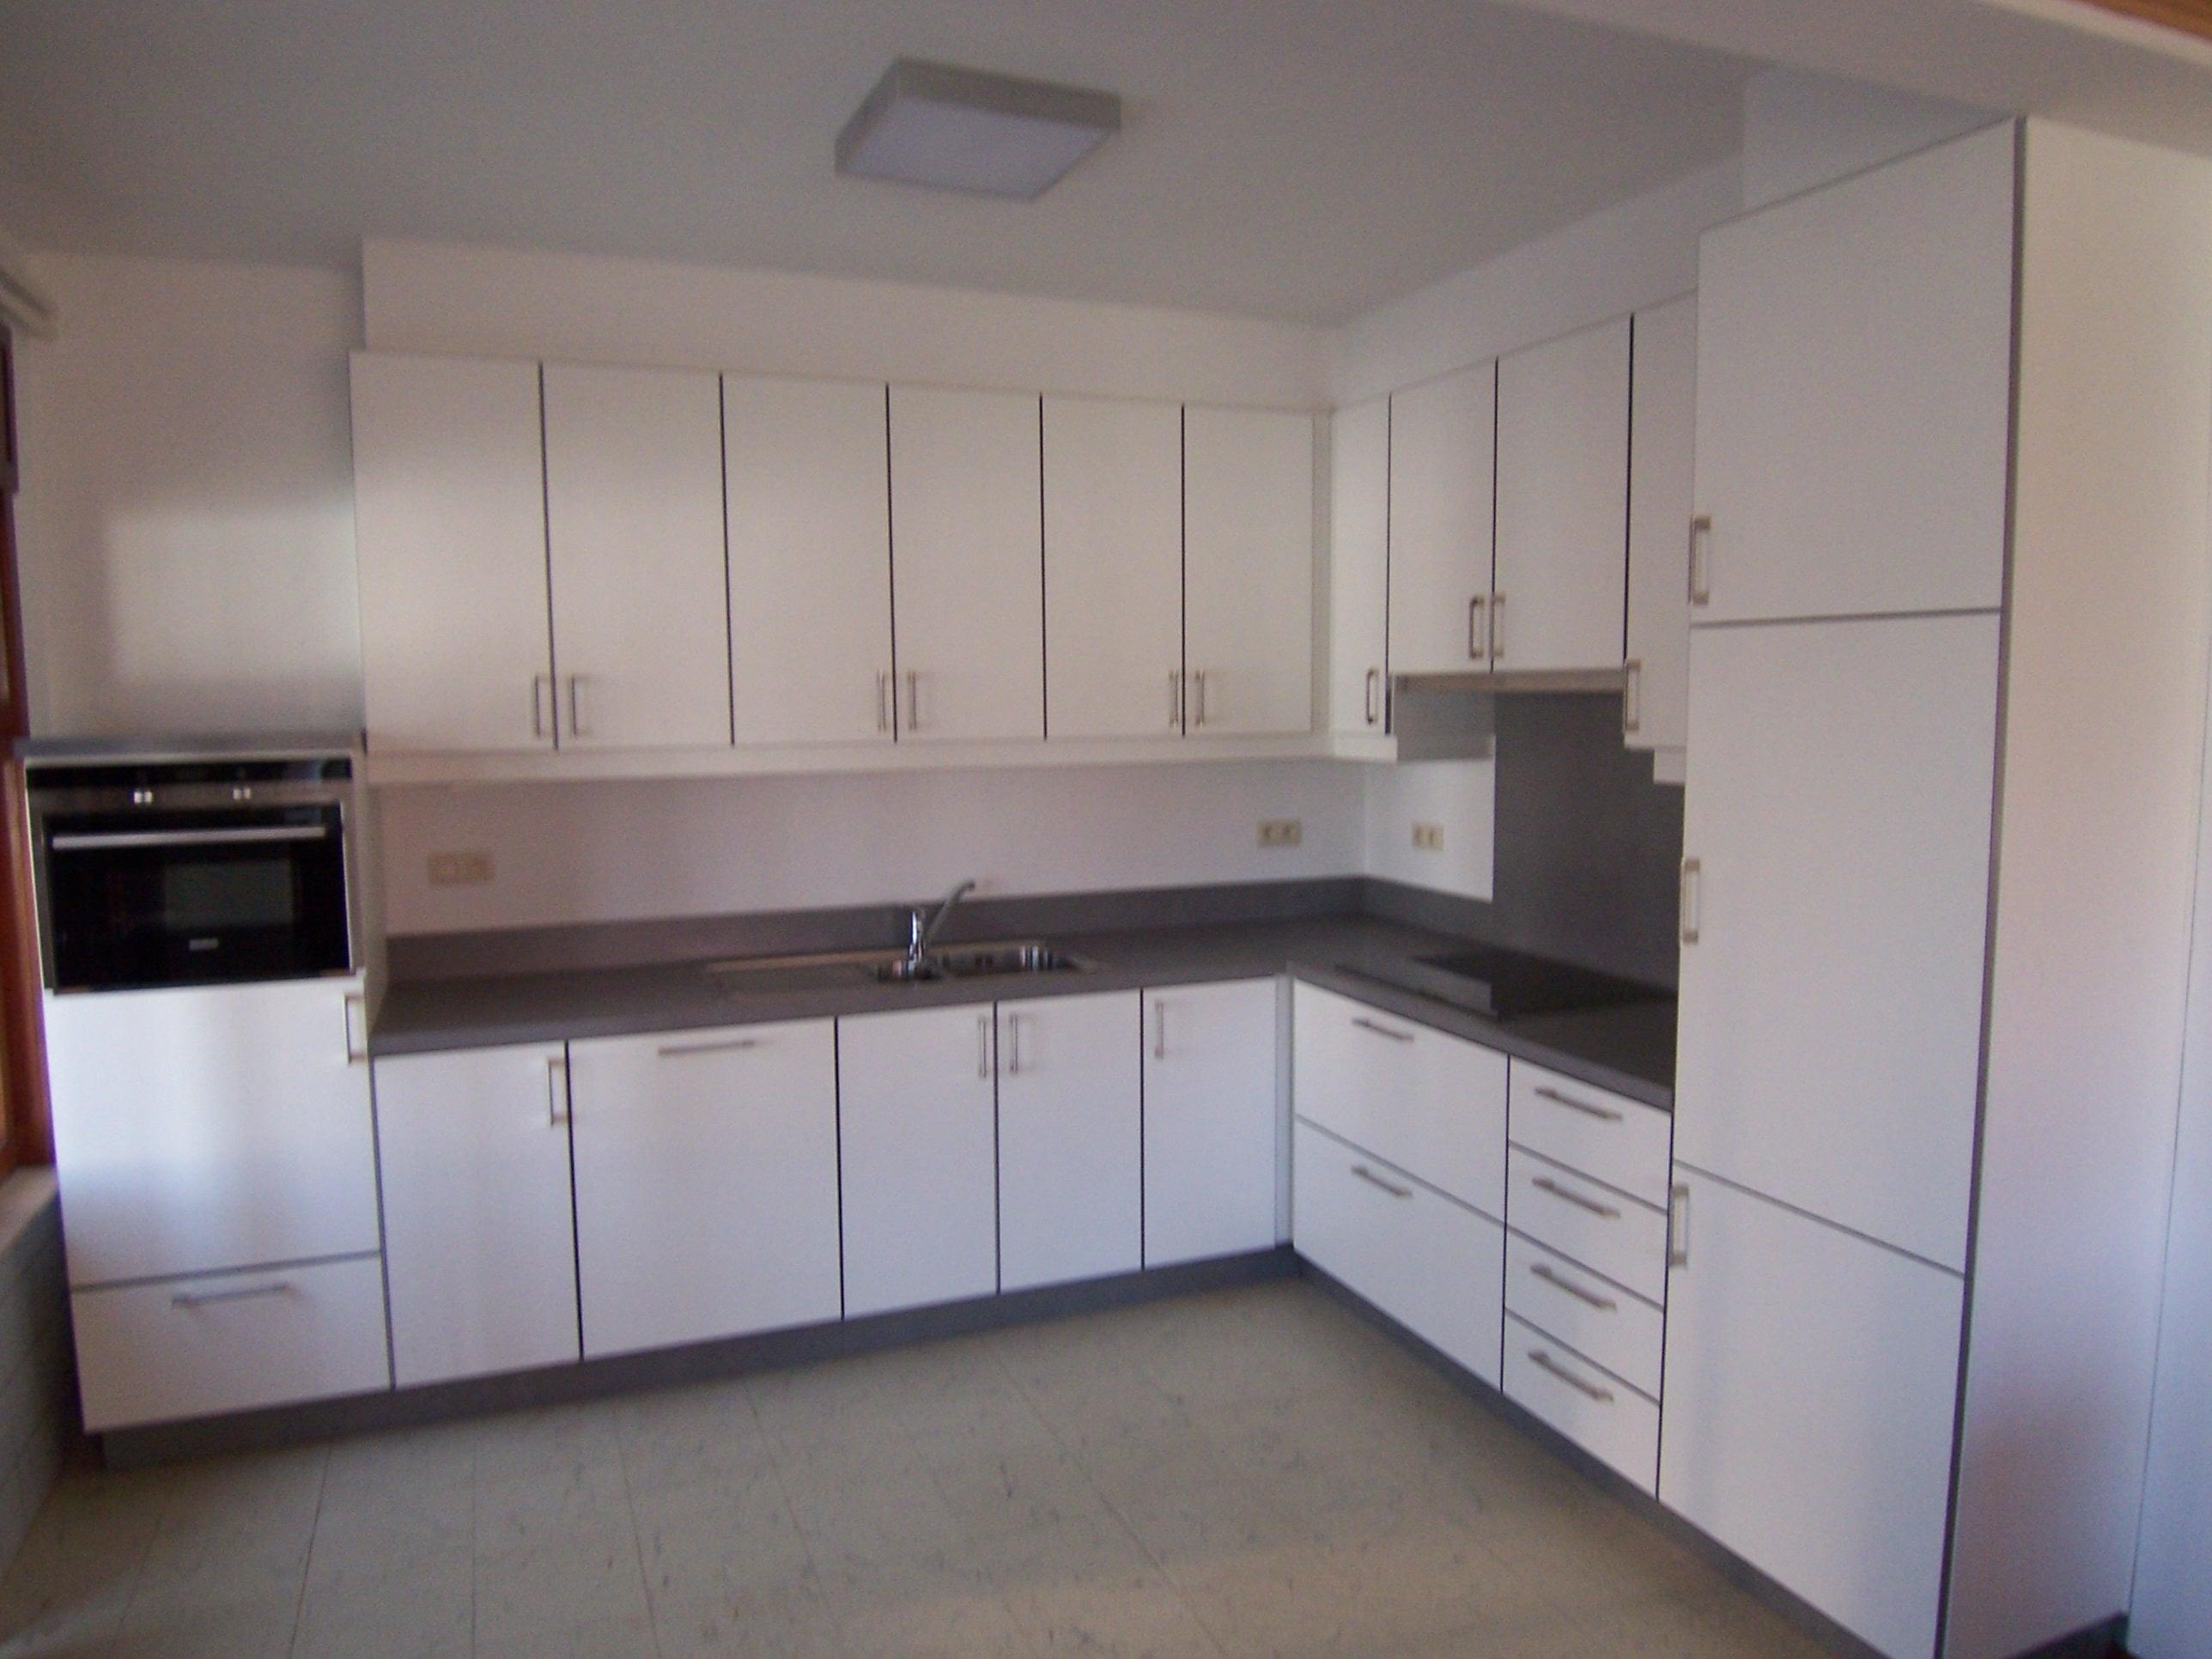 Keukens (9)